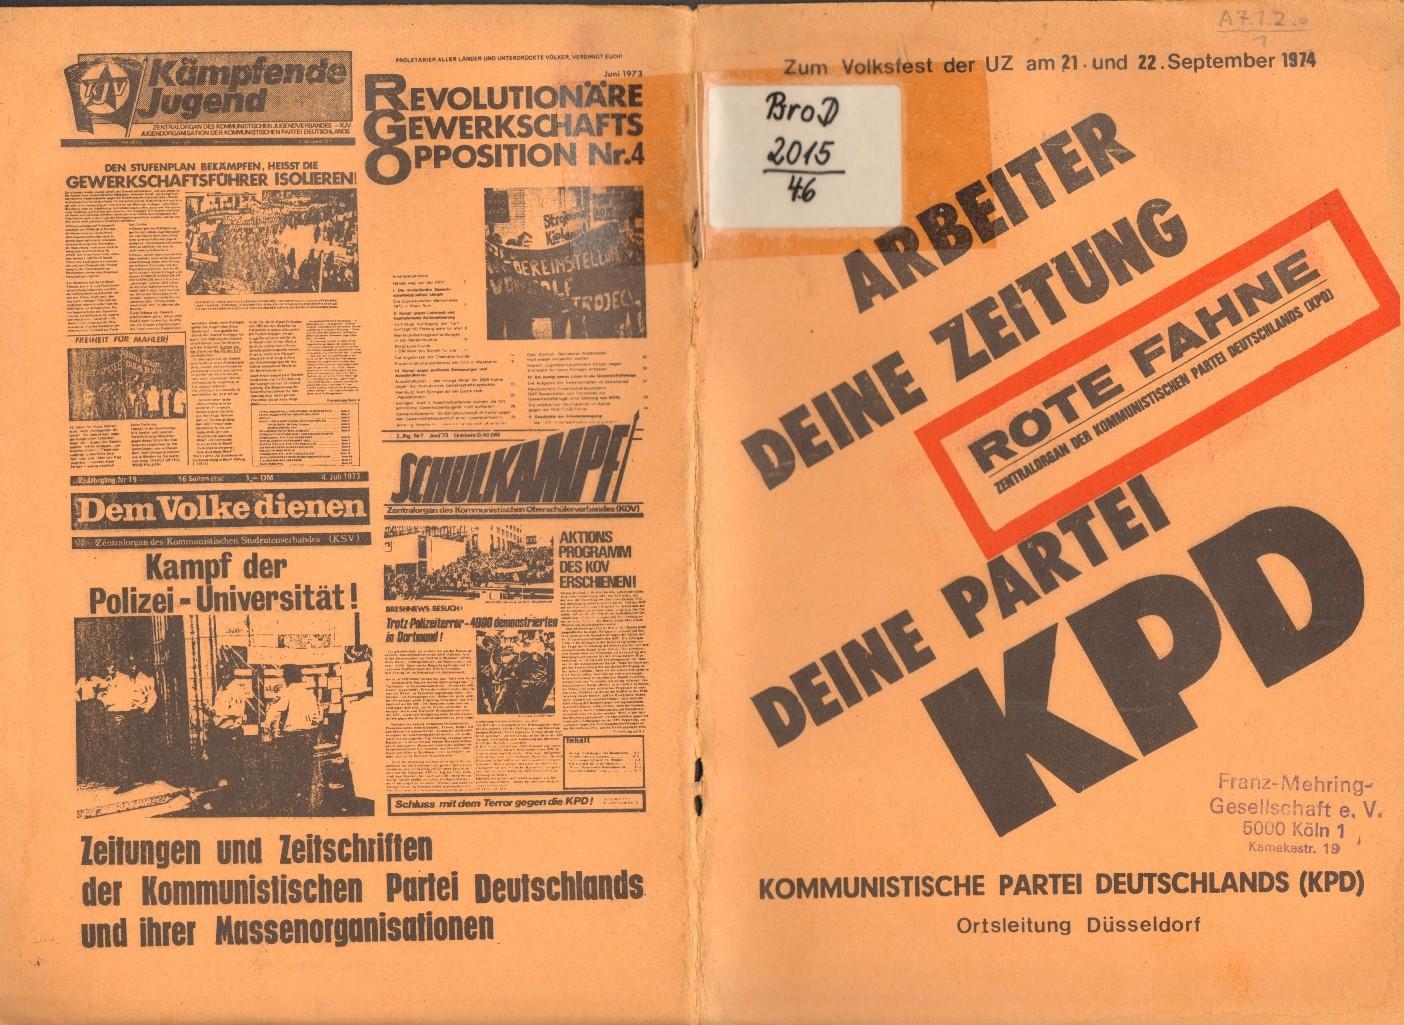 Duesseldorf_KPD_1974_Deine_Zeitung_01